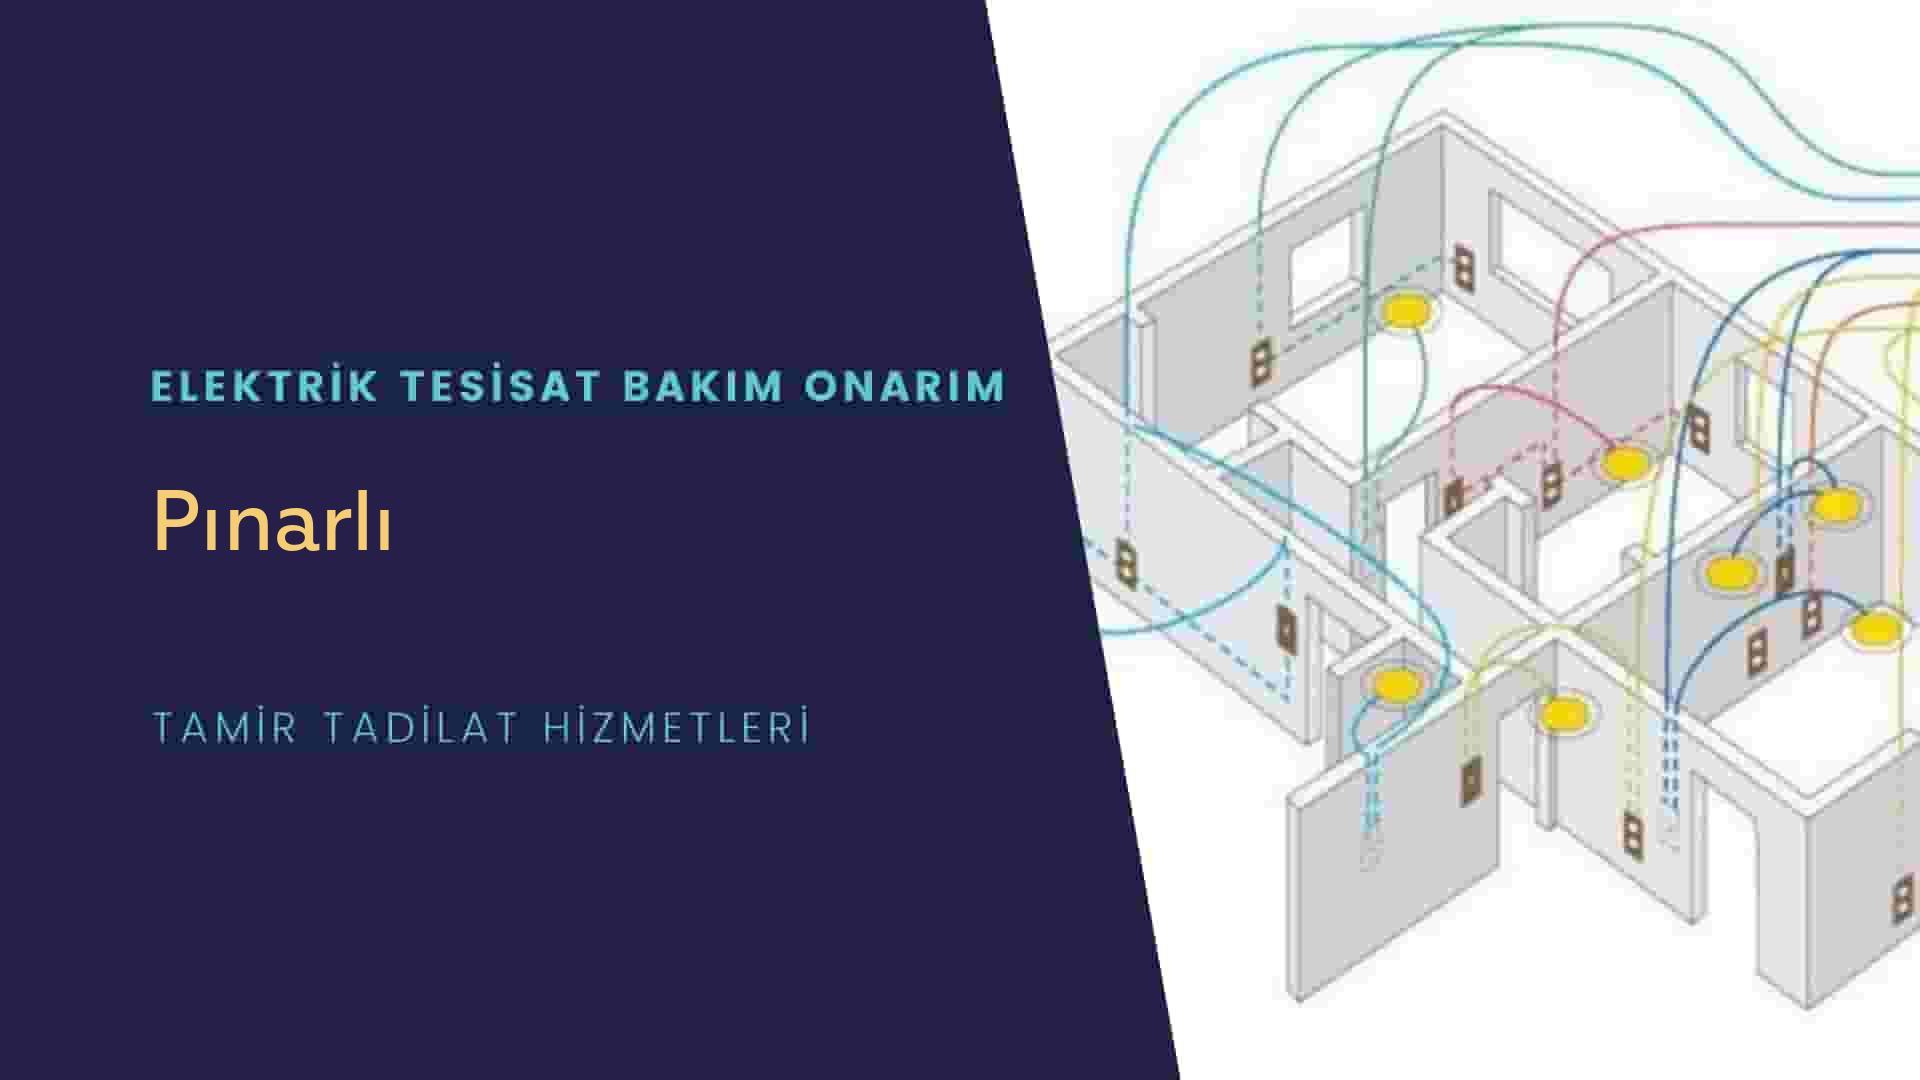 Pınarlı  elektrik tesisatıustalarımı arıyorsunuz doğru adrestenizi Pınarlı elektrik tesisatı ustalarımız 7/24 sizlere hizmet vermekten mutluluk duyar.